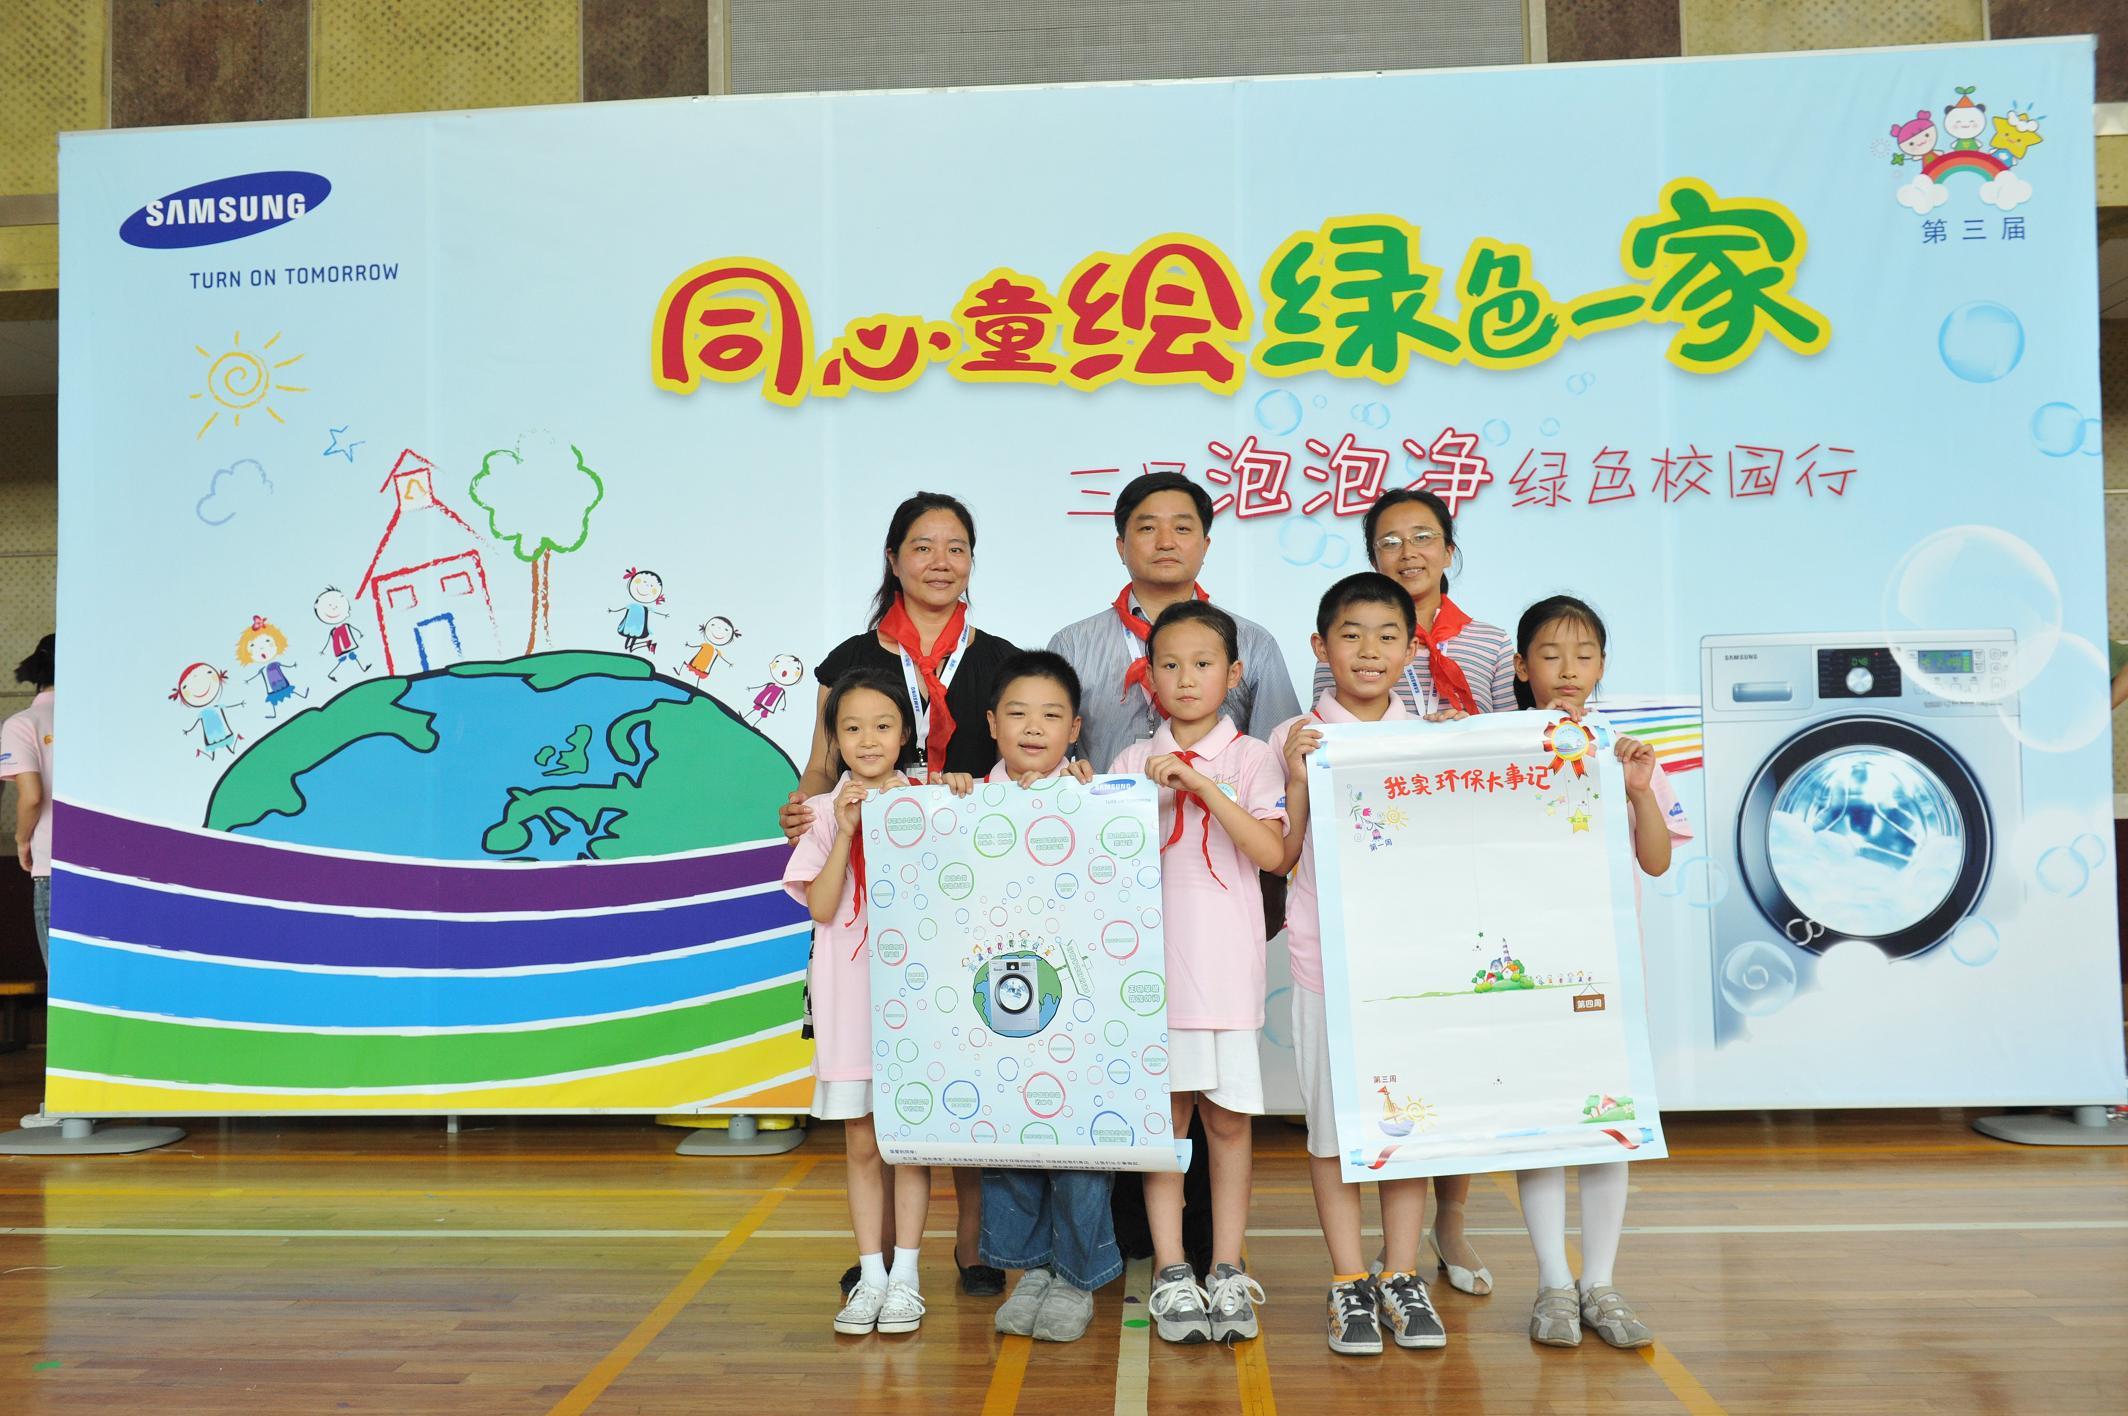 三星泡泡净儿童绘画大赛上海站启动—万维家电网